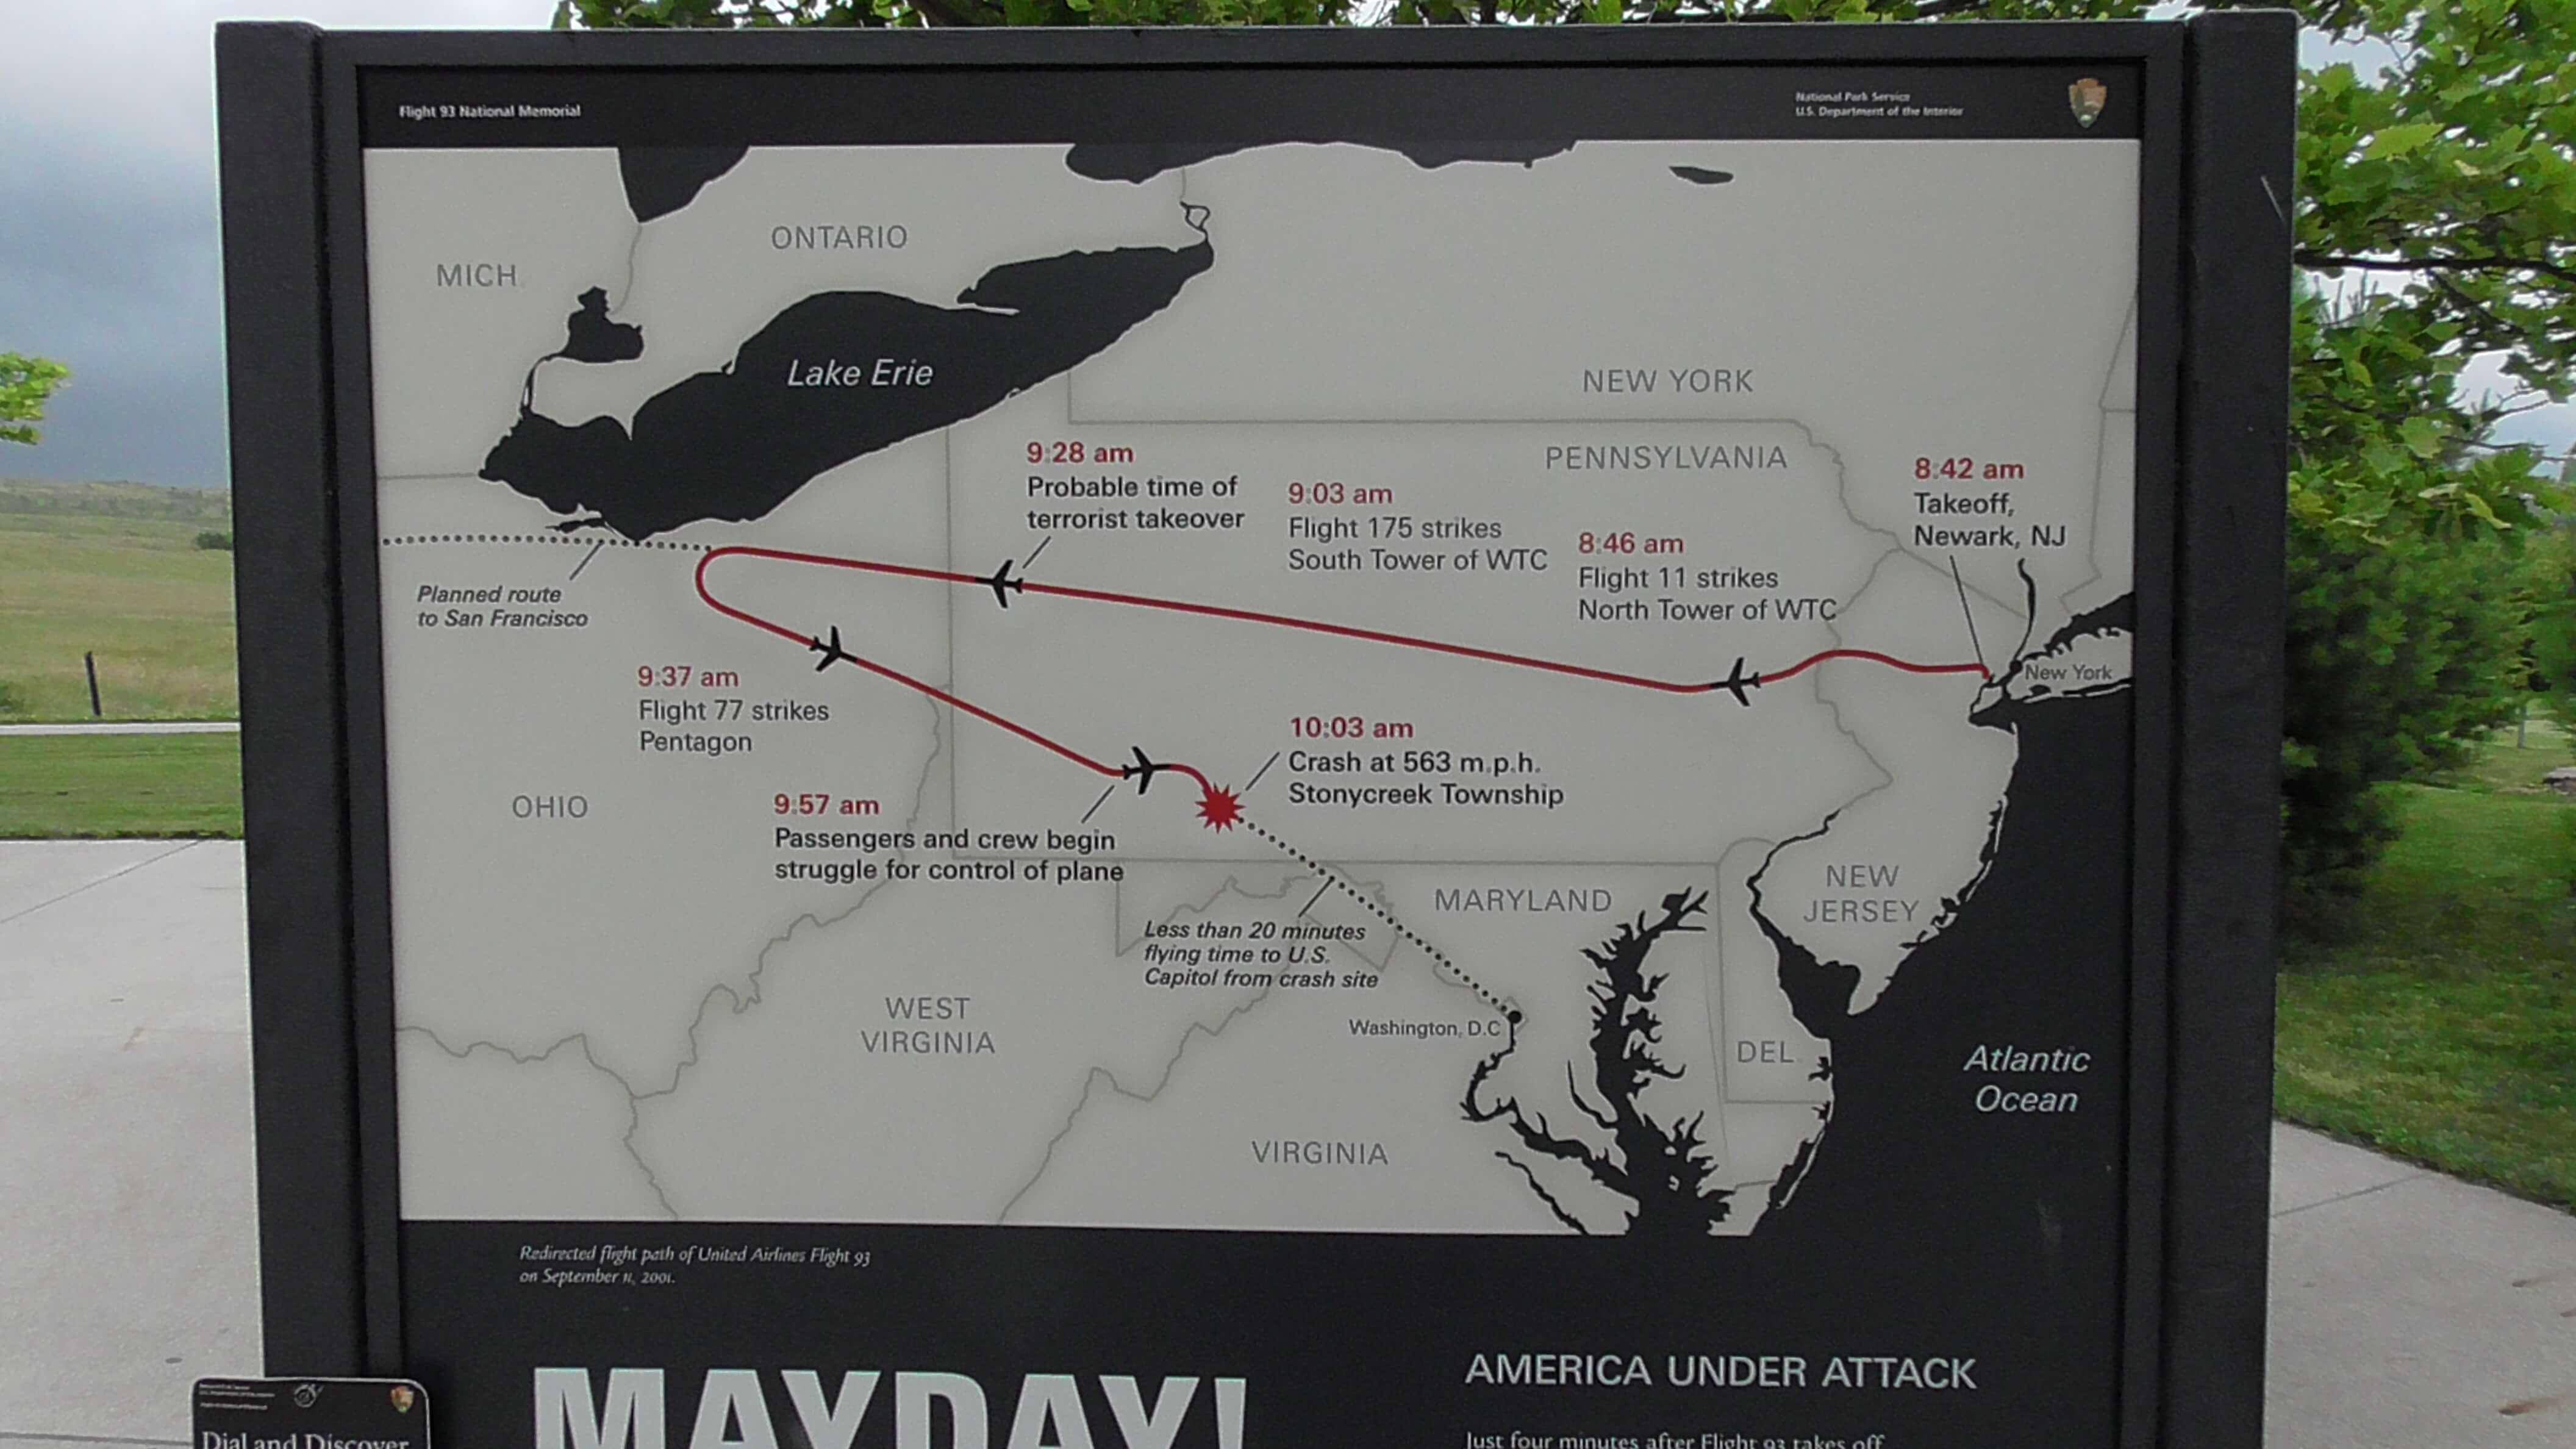 Flight Path of Flight 93